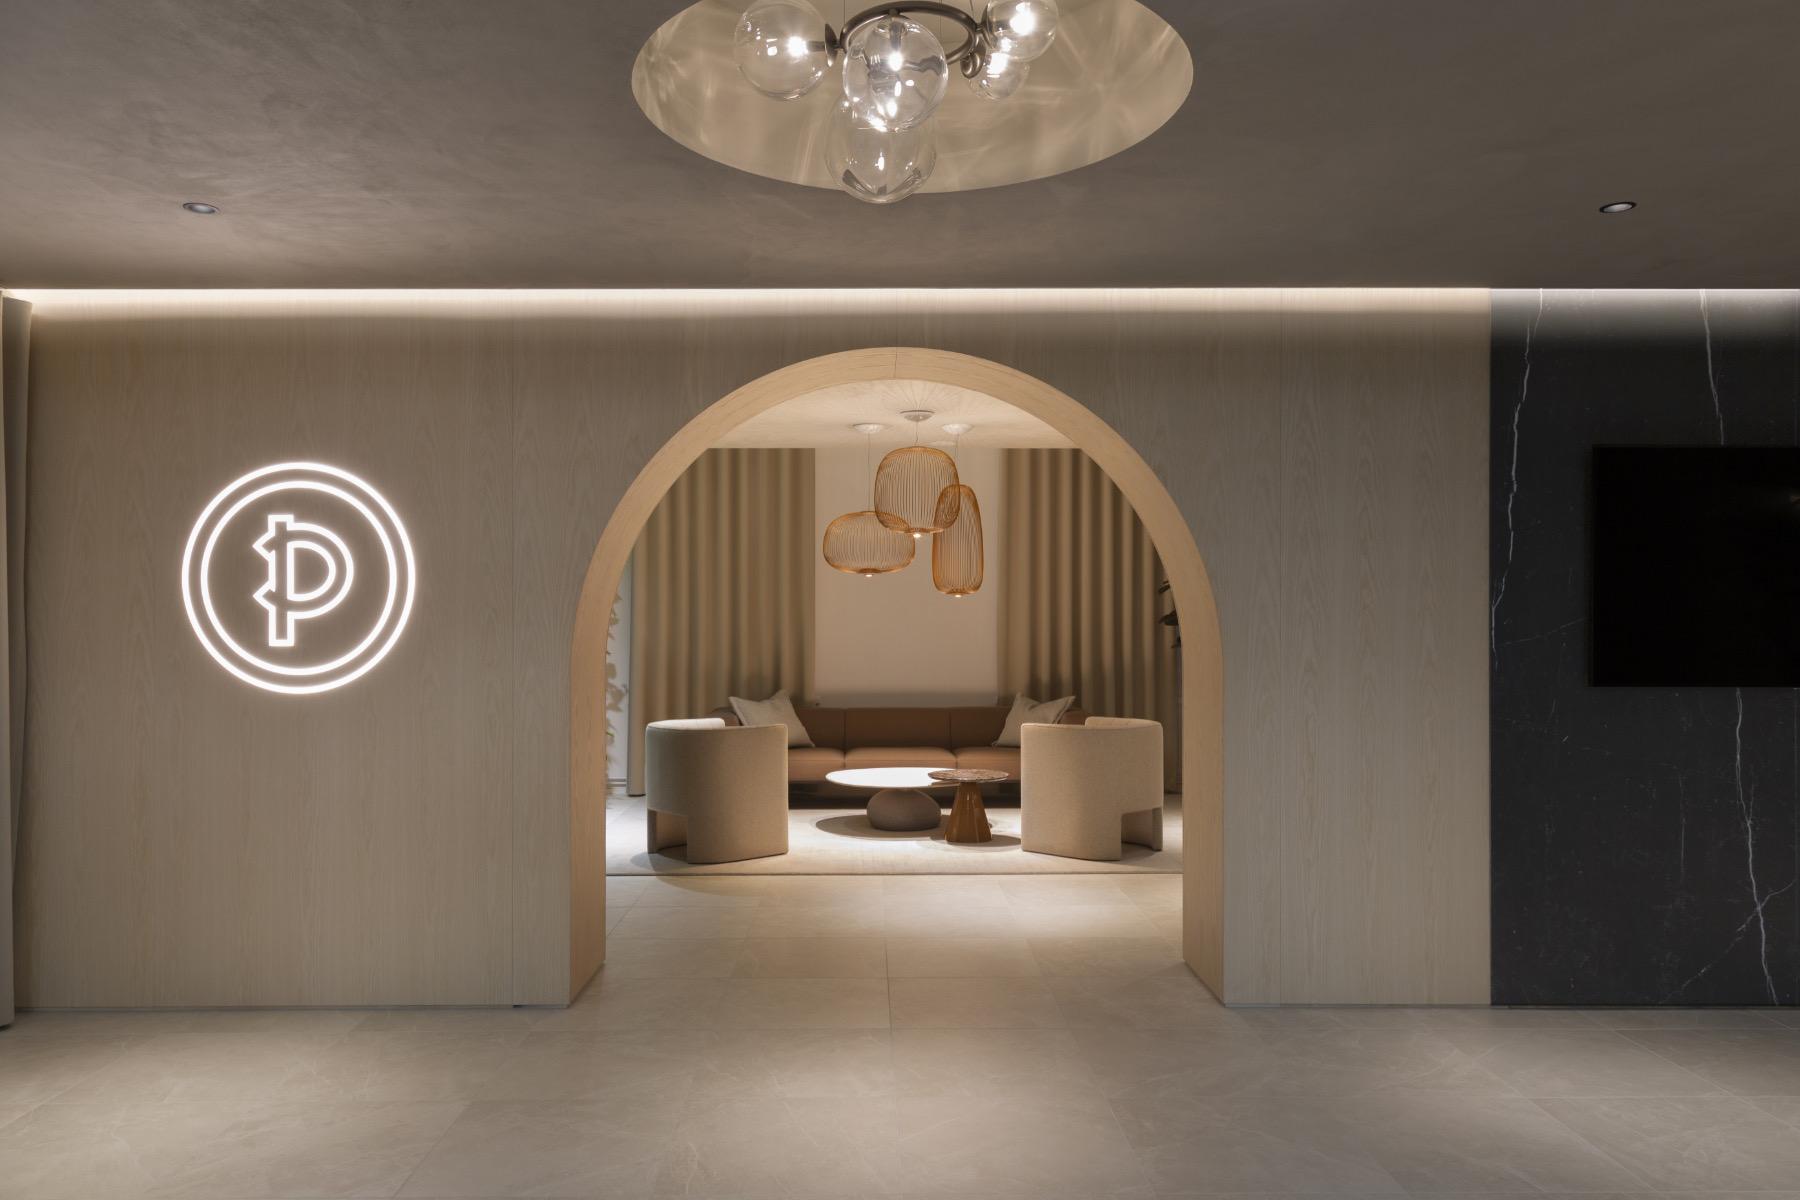 A Look Inside Premico Group's Helsinki Office